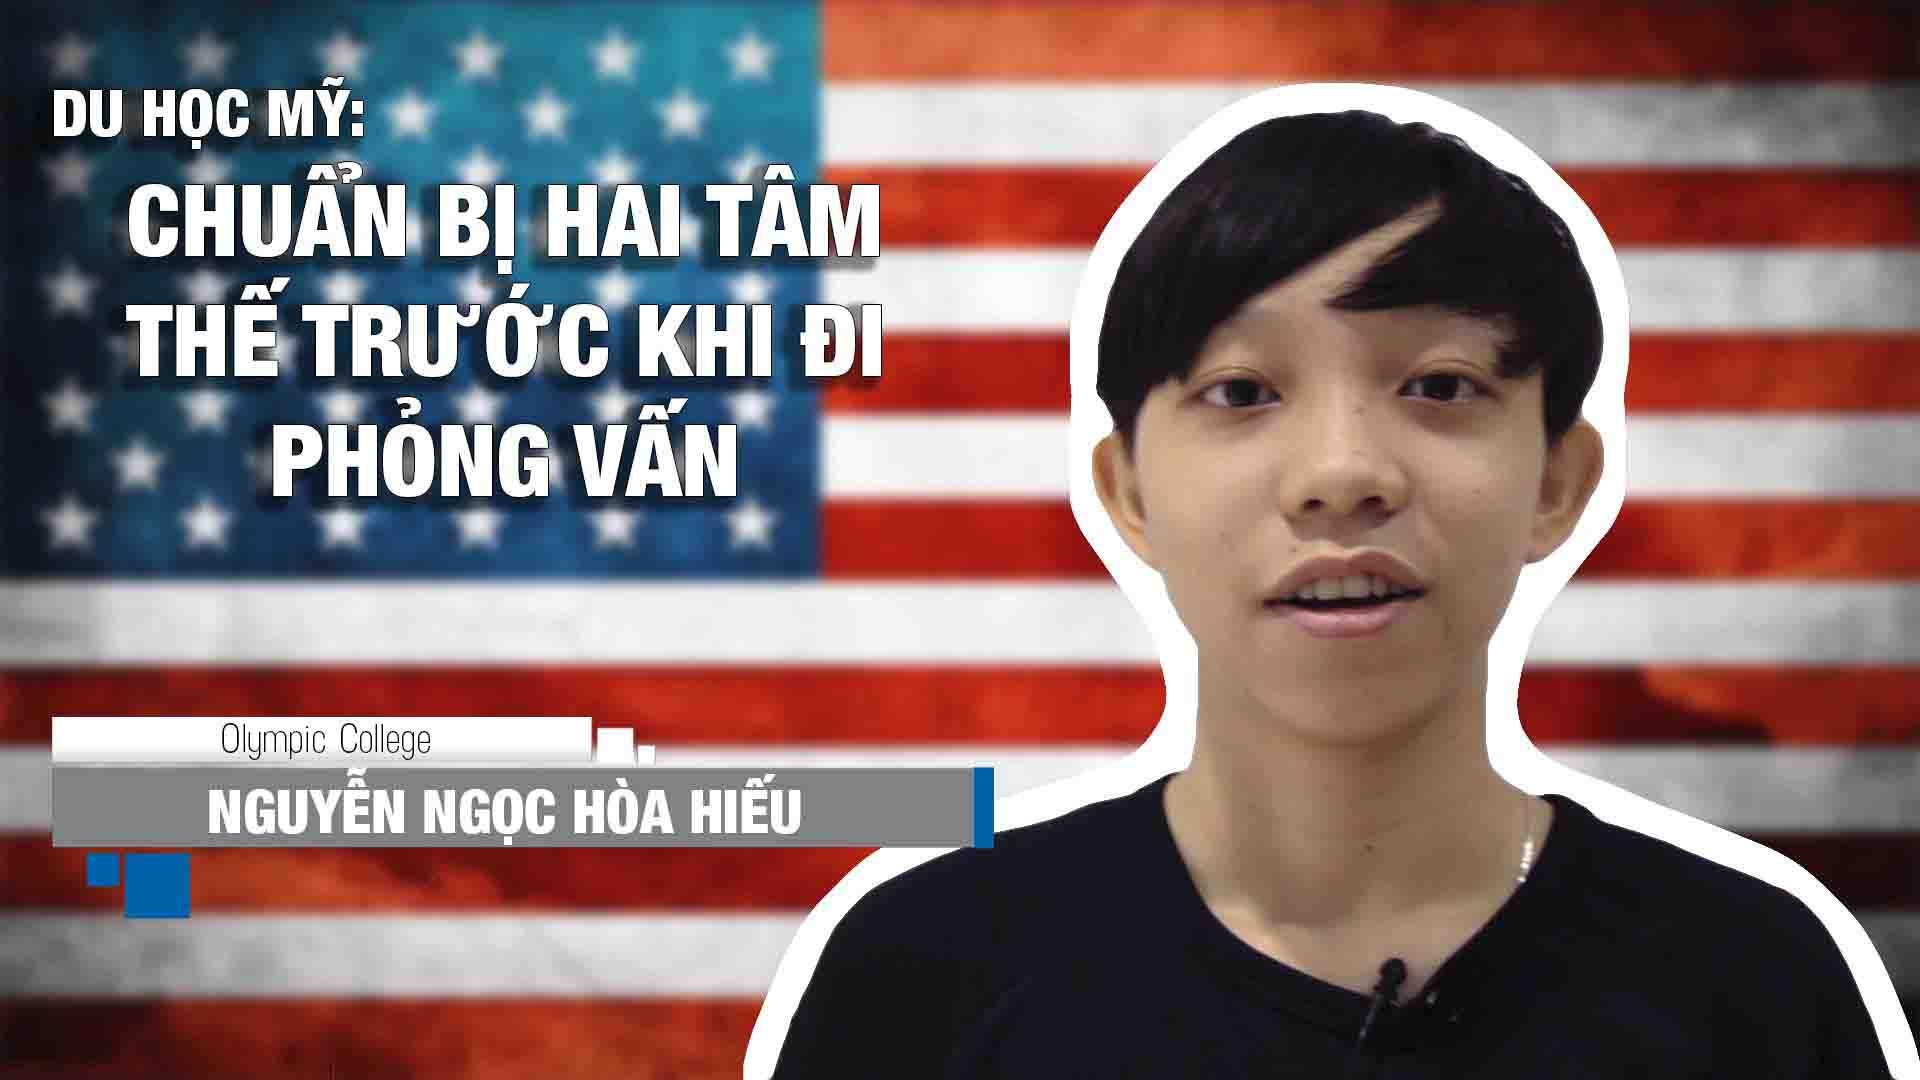 Chia sẻ của bạn Nguyễn Ngọc Hòa Hiếu, sinh viên trường Cao đẳng Olympic (bang Washington, Mỹ) về chương trình kép 4 năm – 3 bằng và chuẩn bị tâm thế trước khi tham gia phỏng vấn visa du học Mỹ tại Lãnh sự quán.